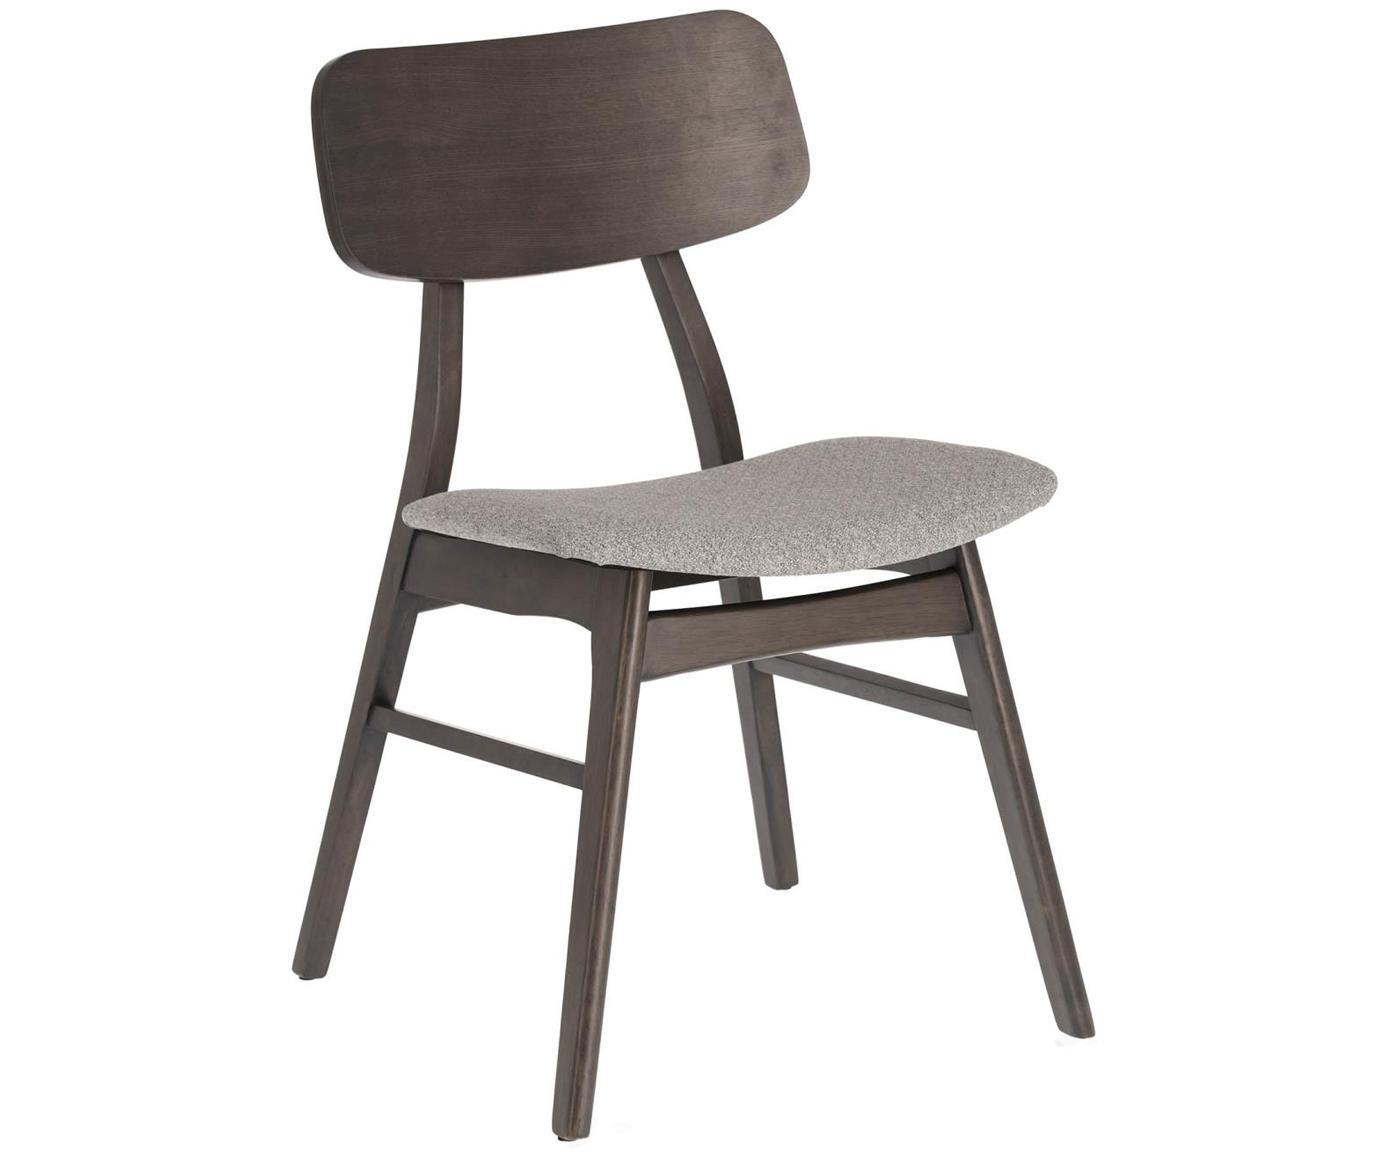 Krzesło z drewna Selia, 2 szt., Stelaż: lite drewno kauczukowe, f, Tapicerka: poliester, Odcienie szarego, S 48 x G 53 cm